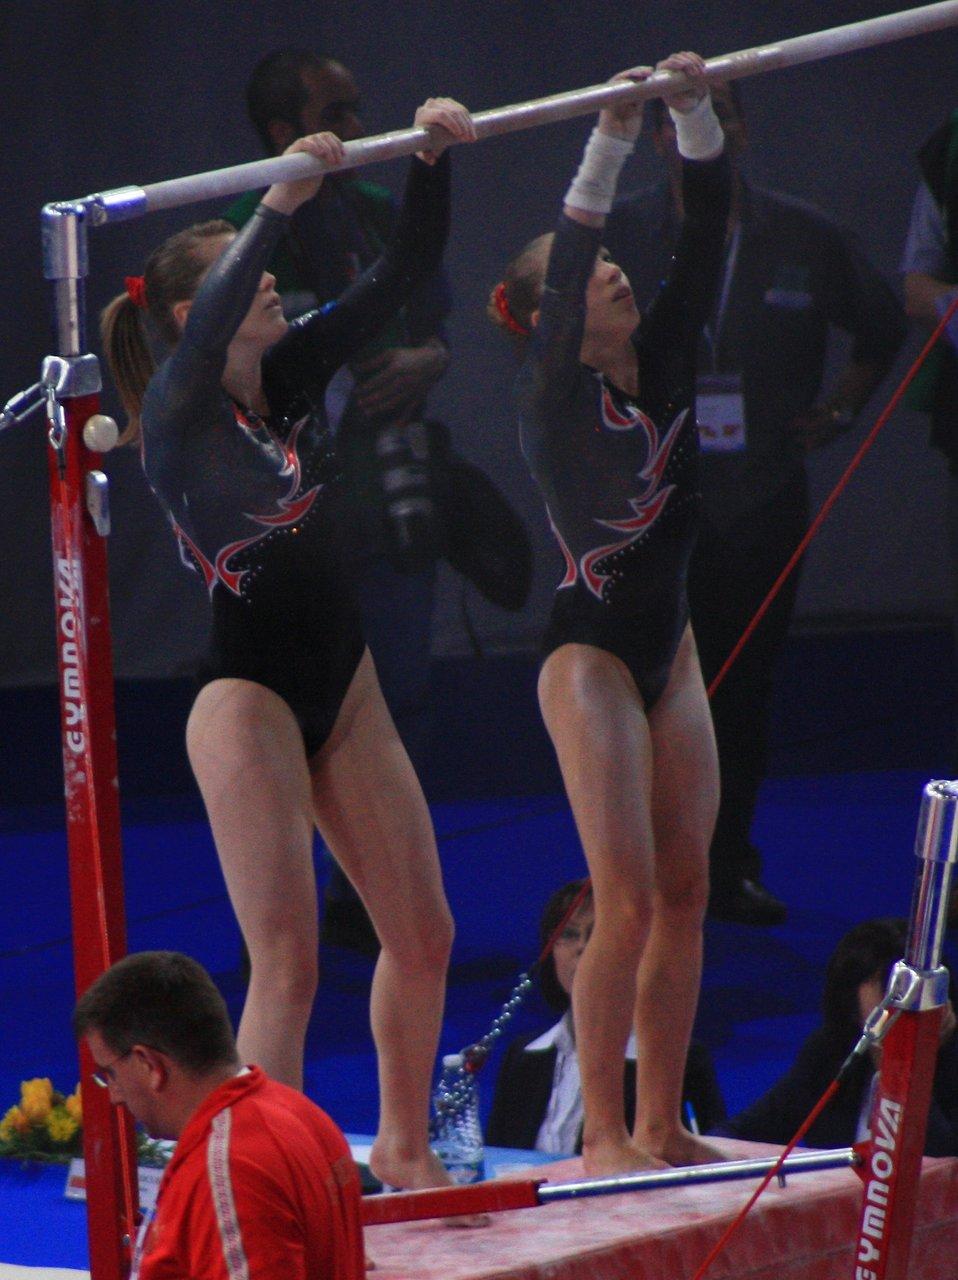 Français�:  Deux gymnastes russes préparant les barres asymétriques avec de la magnésie avant leur passage, en qualifications des 17e Internationaux de France en 2010.